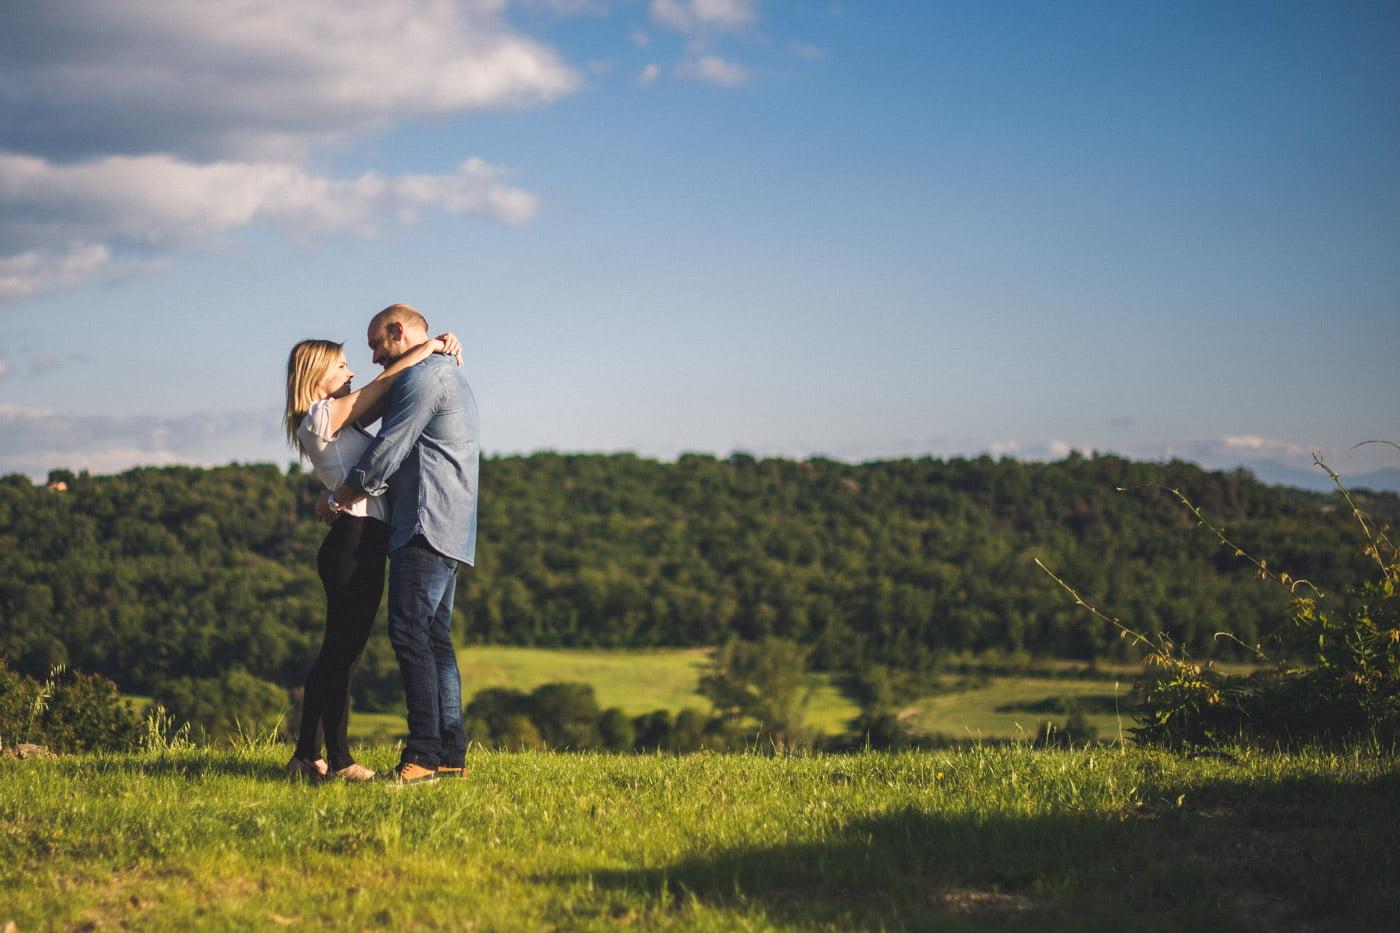 009-Engagement-Tuscany